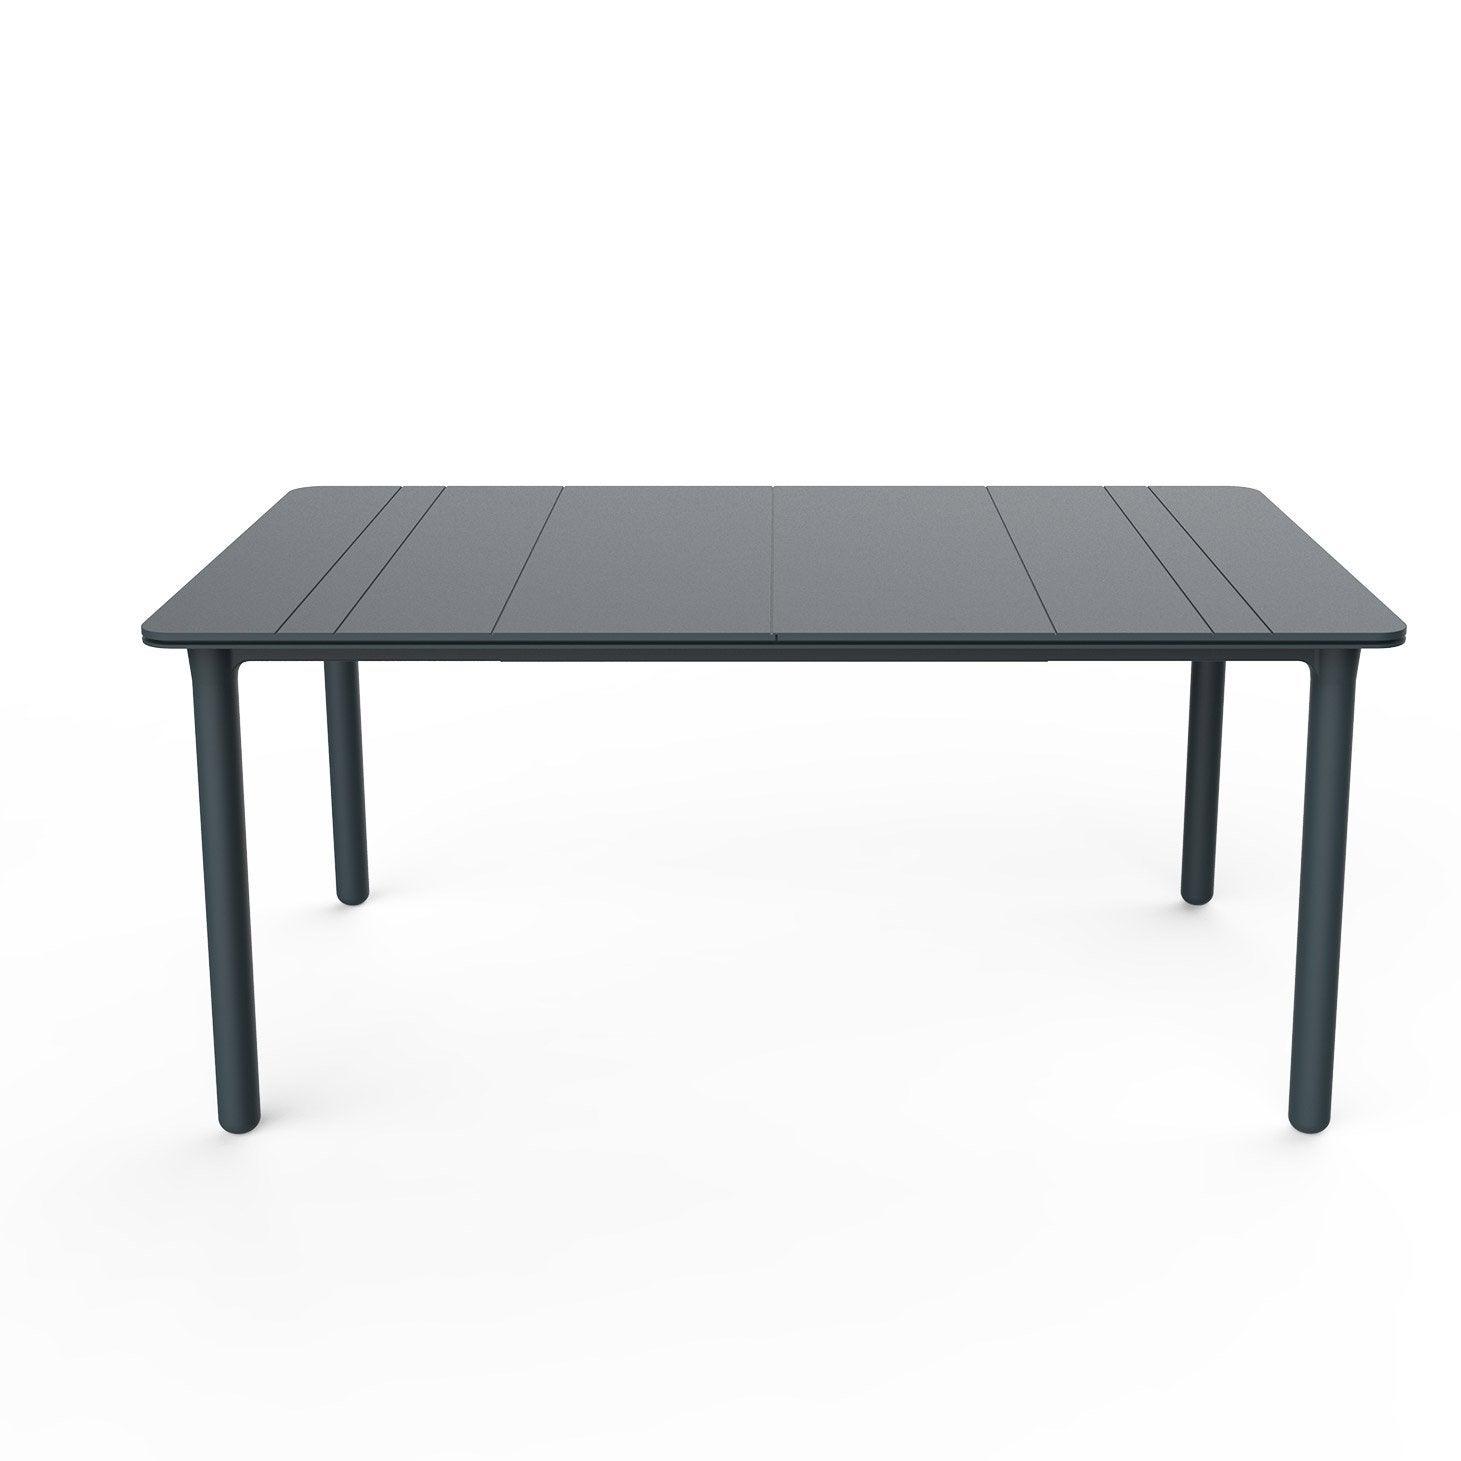 Carrée Table Gris PersonnesLeroy De Repas Jardin Noa Foncé 4 N8nw0OPkX